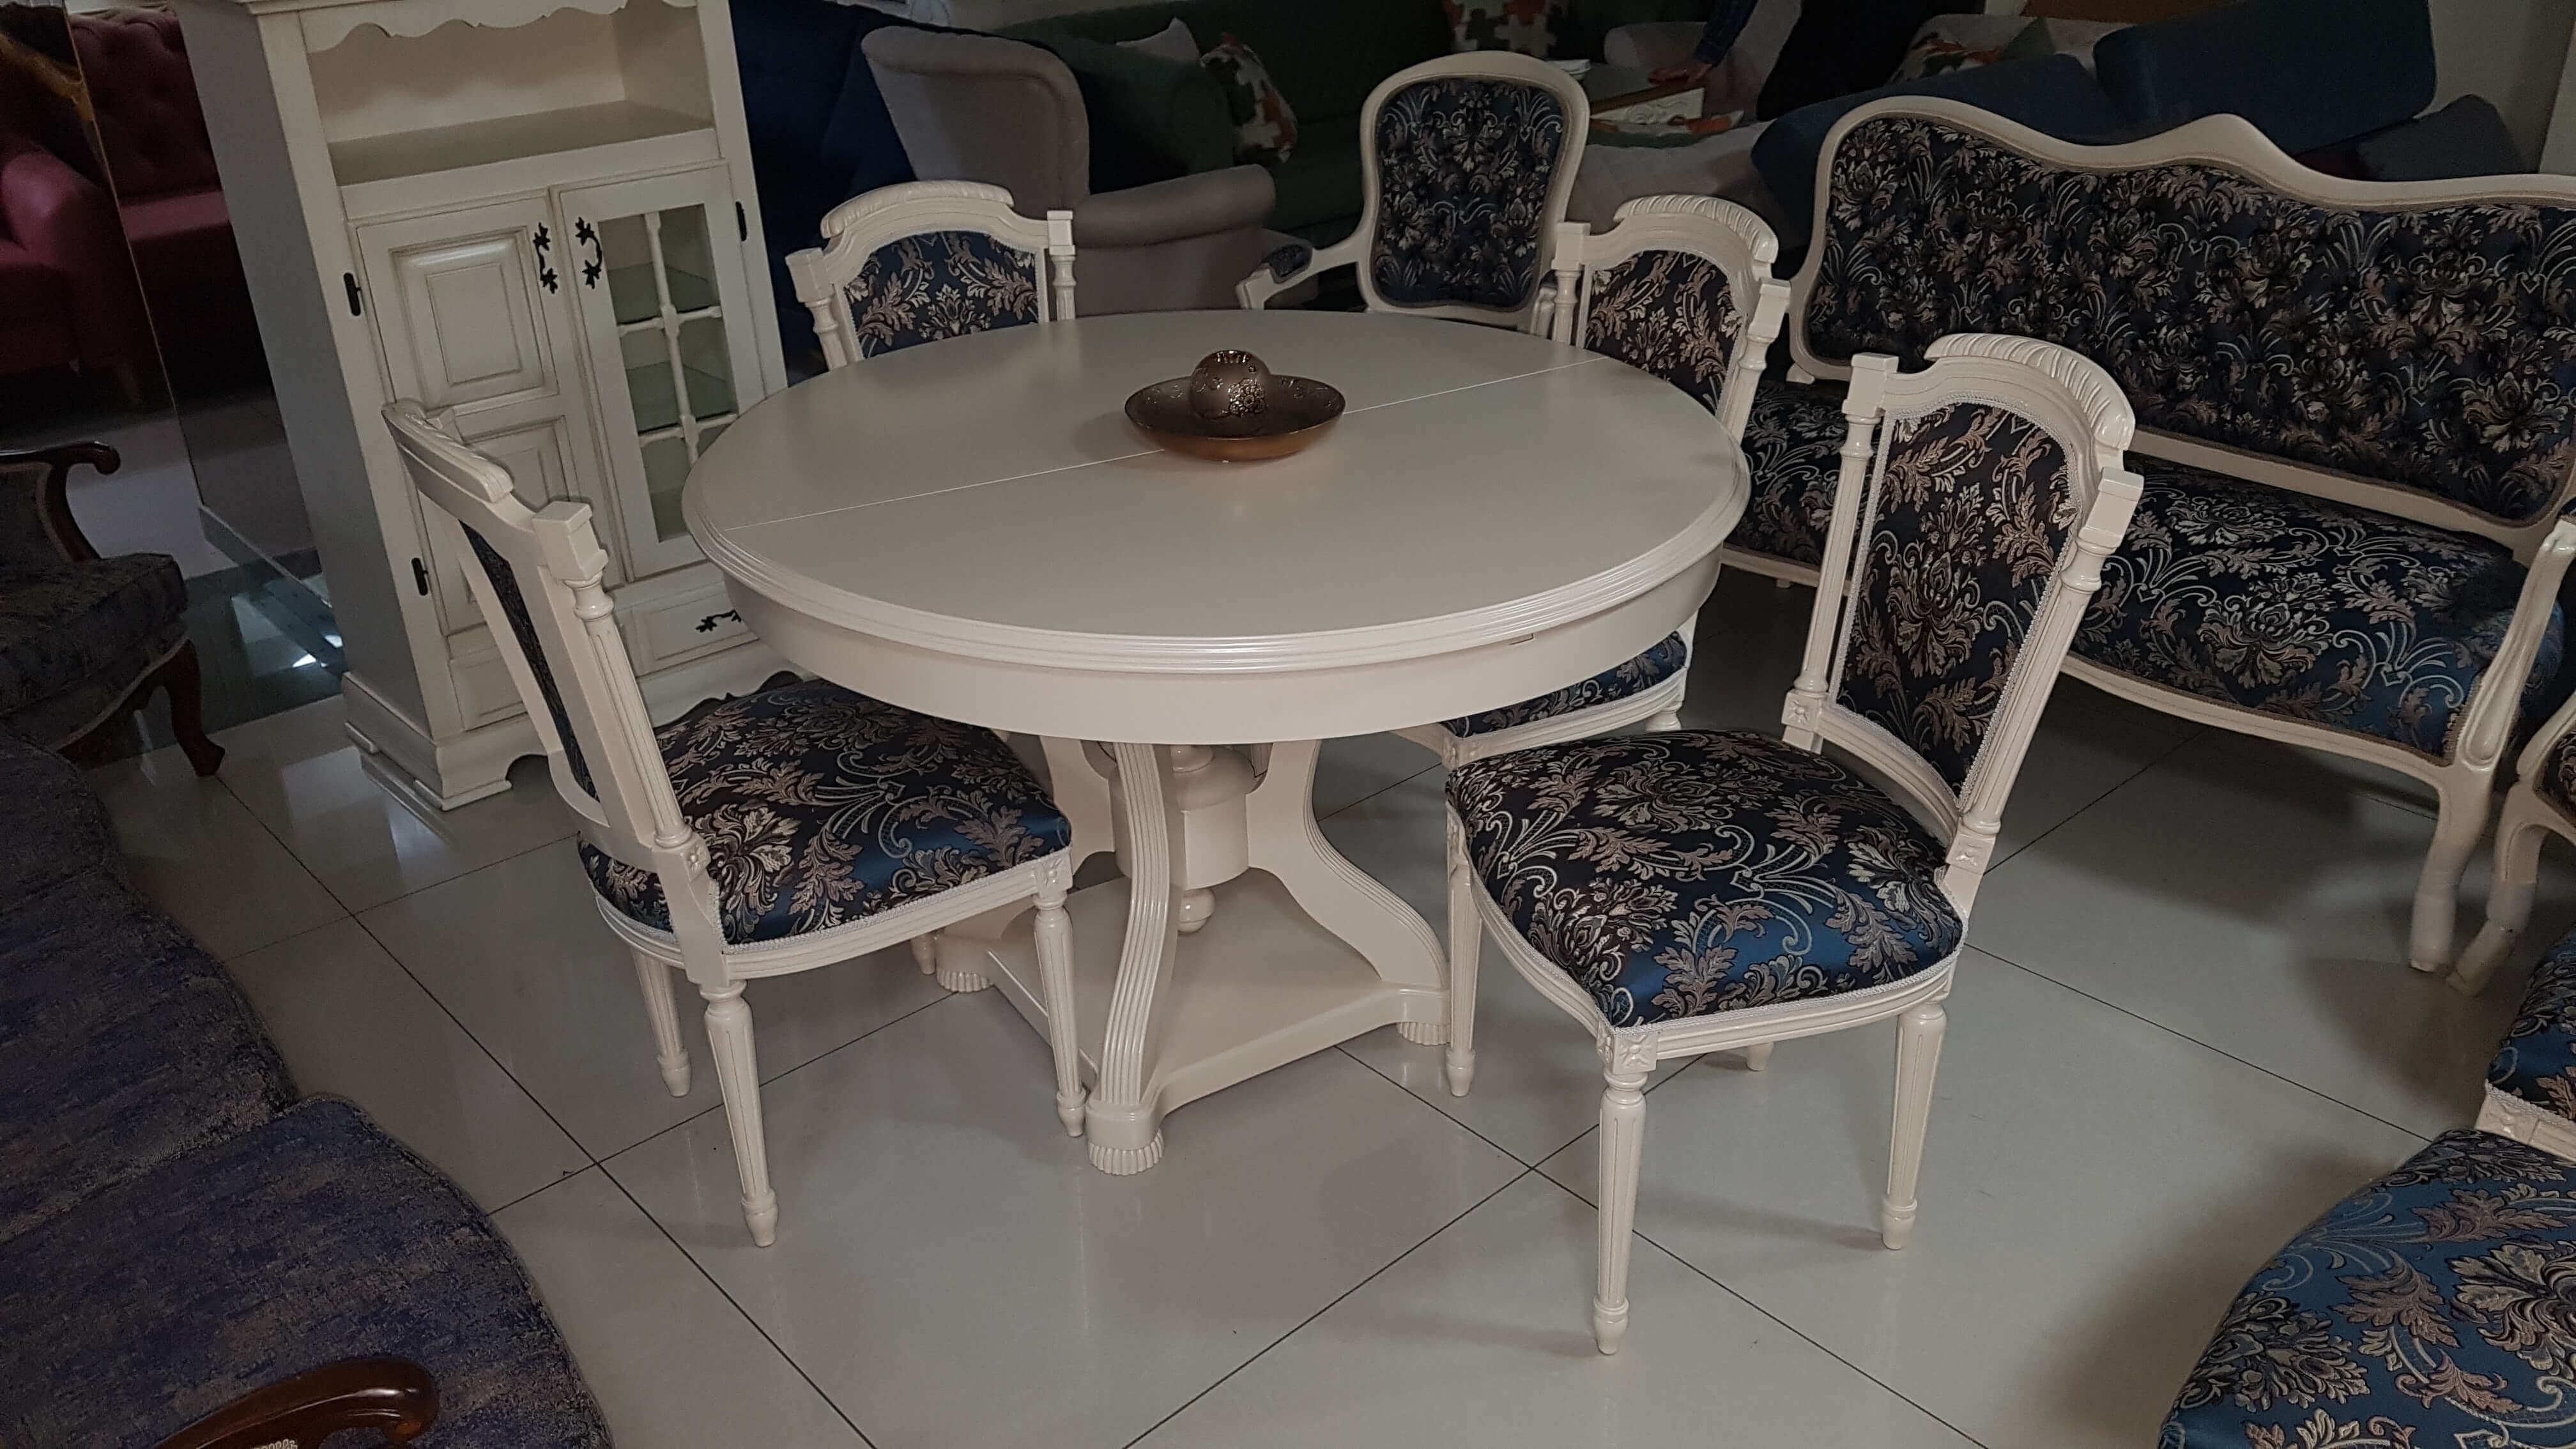 მაგიდა სკამები გასაშლელი მაგიდა 6 სკამით